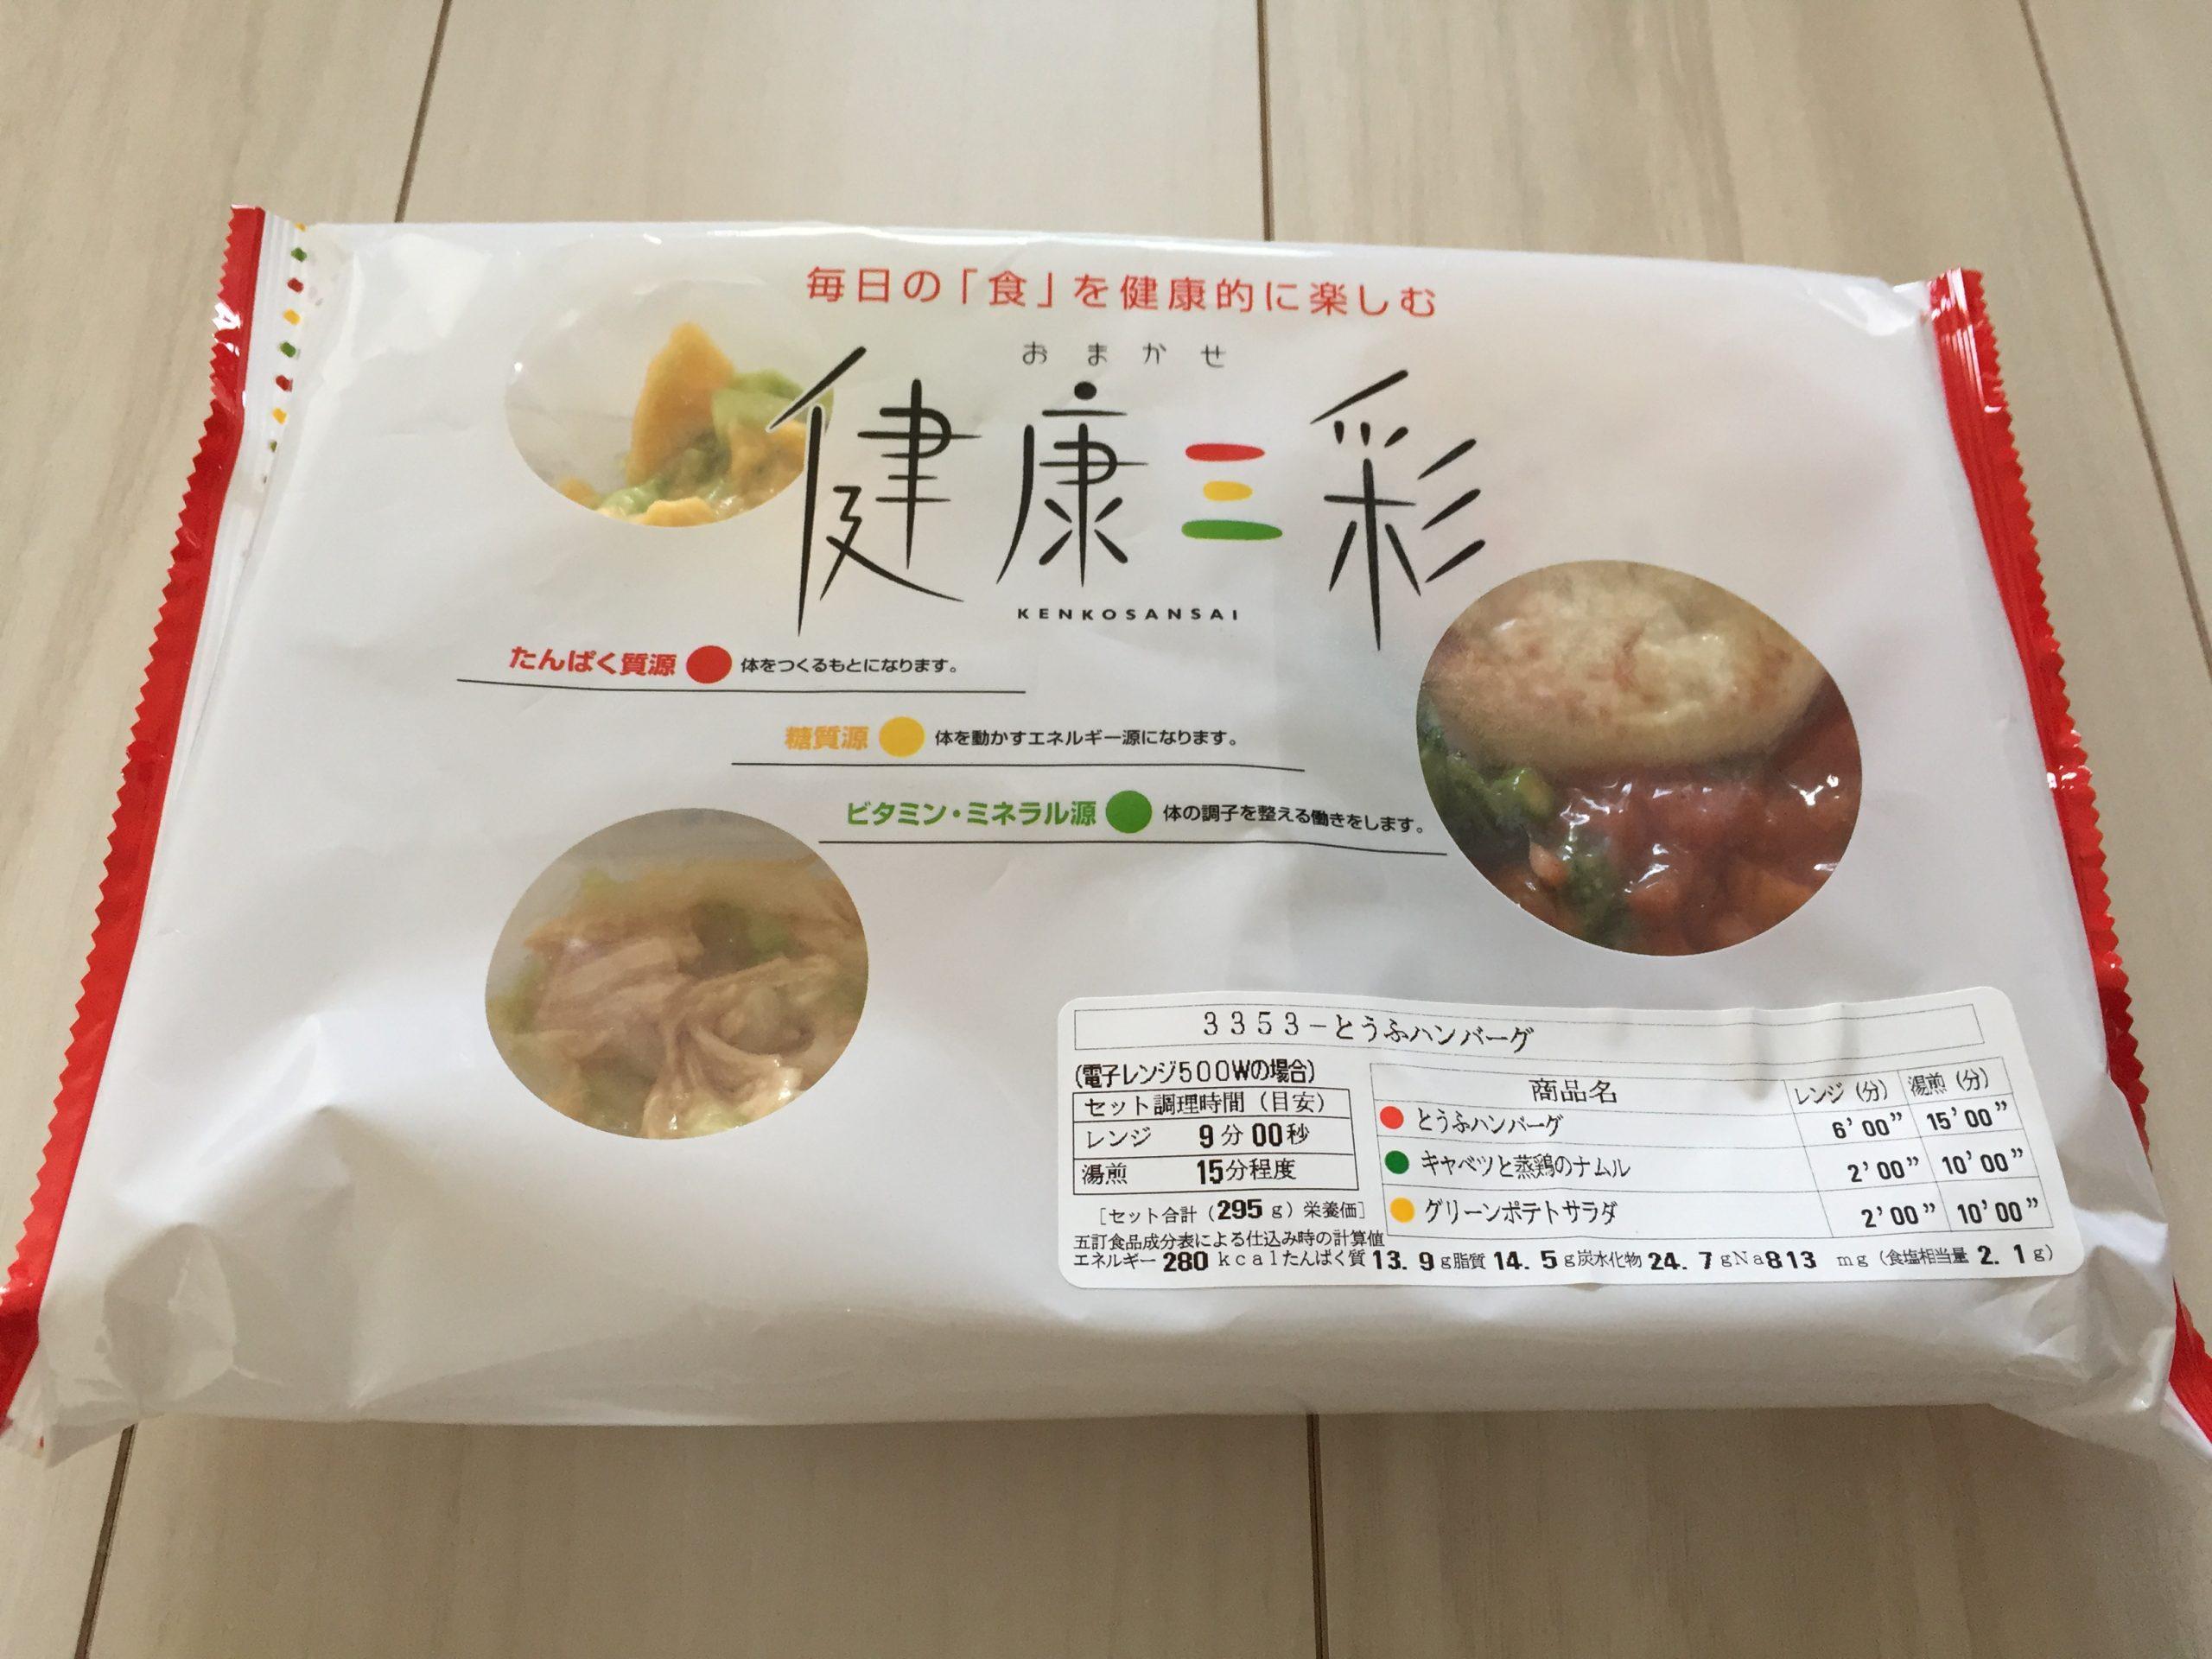 豆腐ハンバーグパッケージ